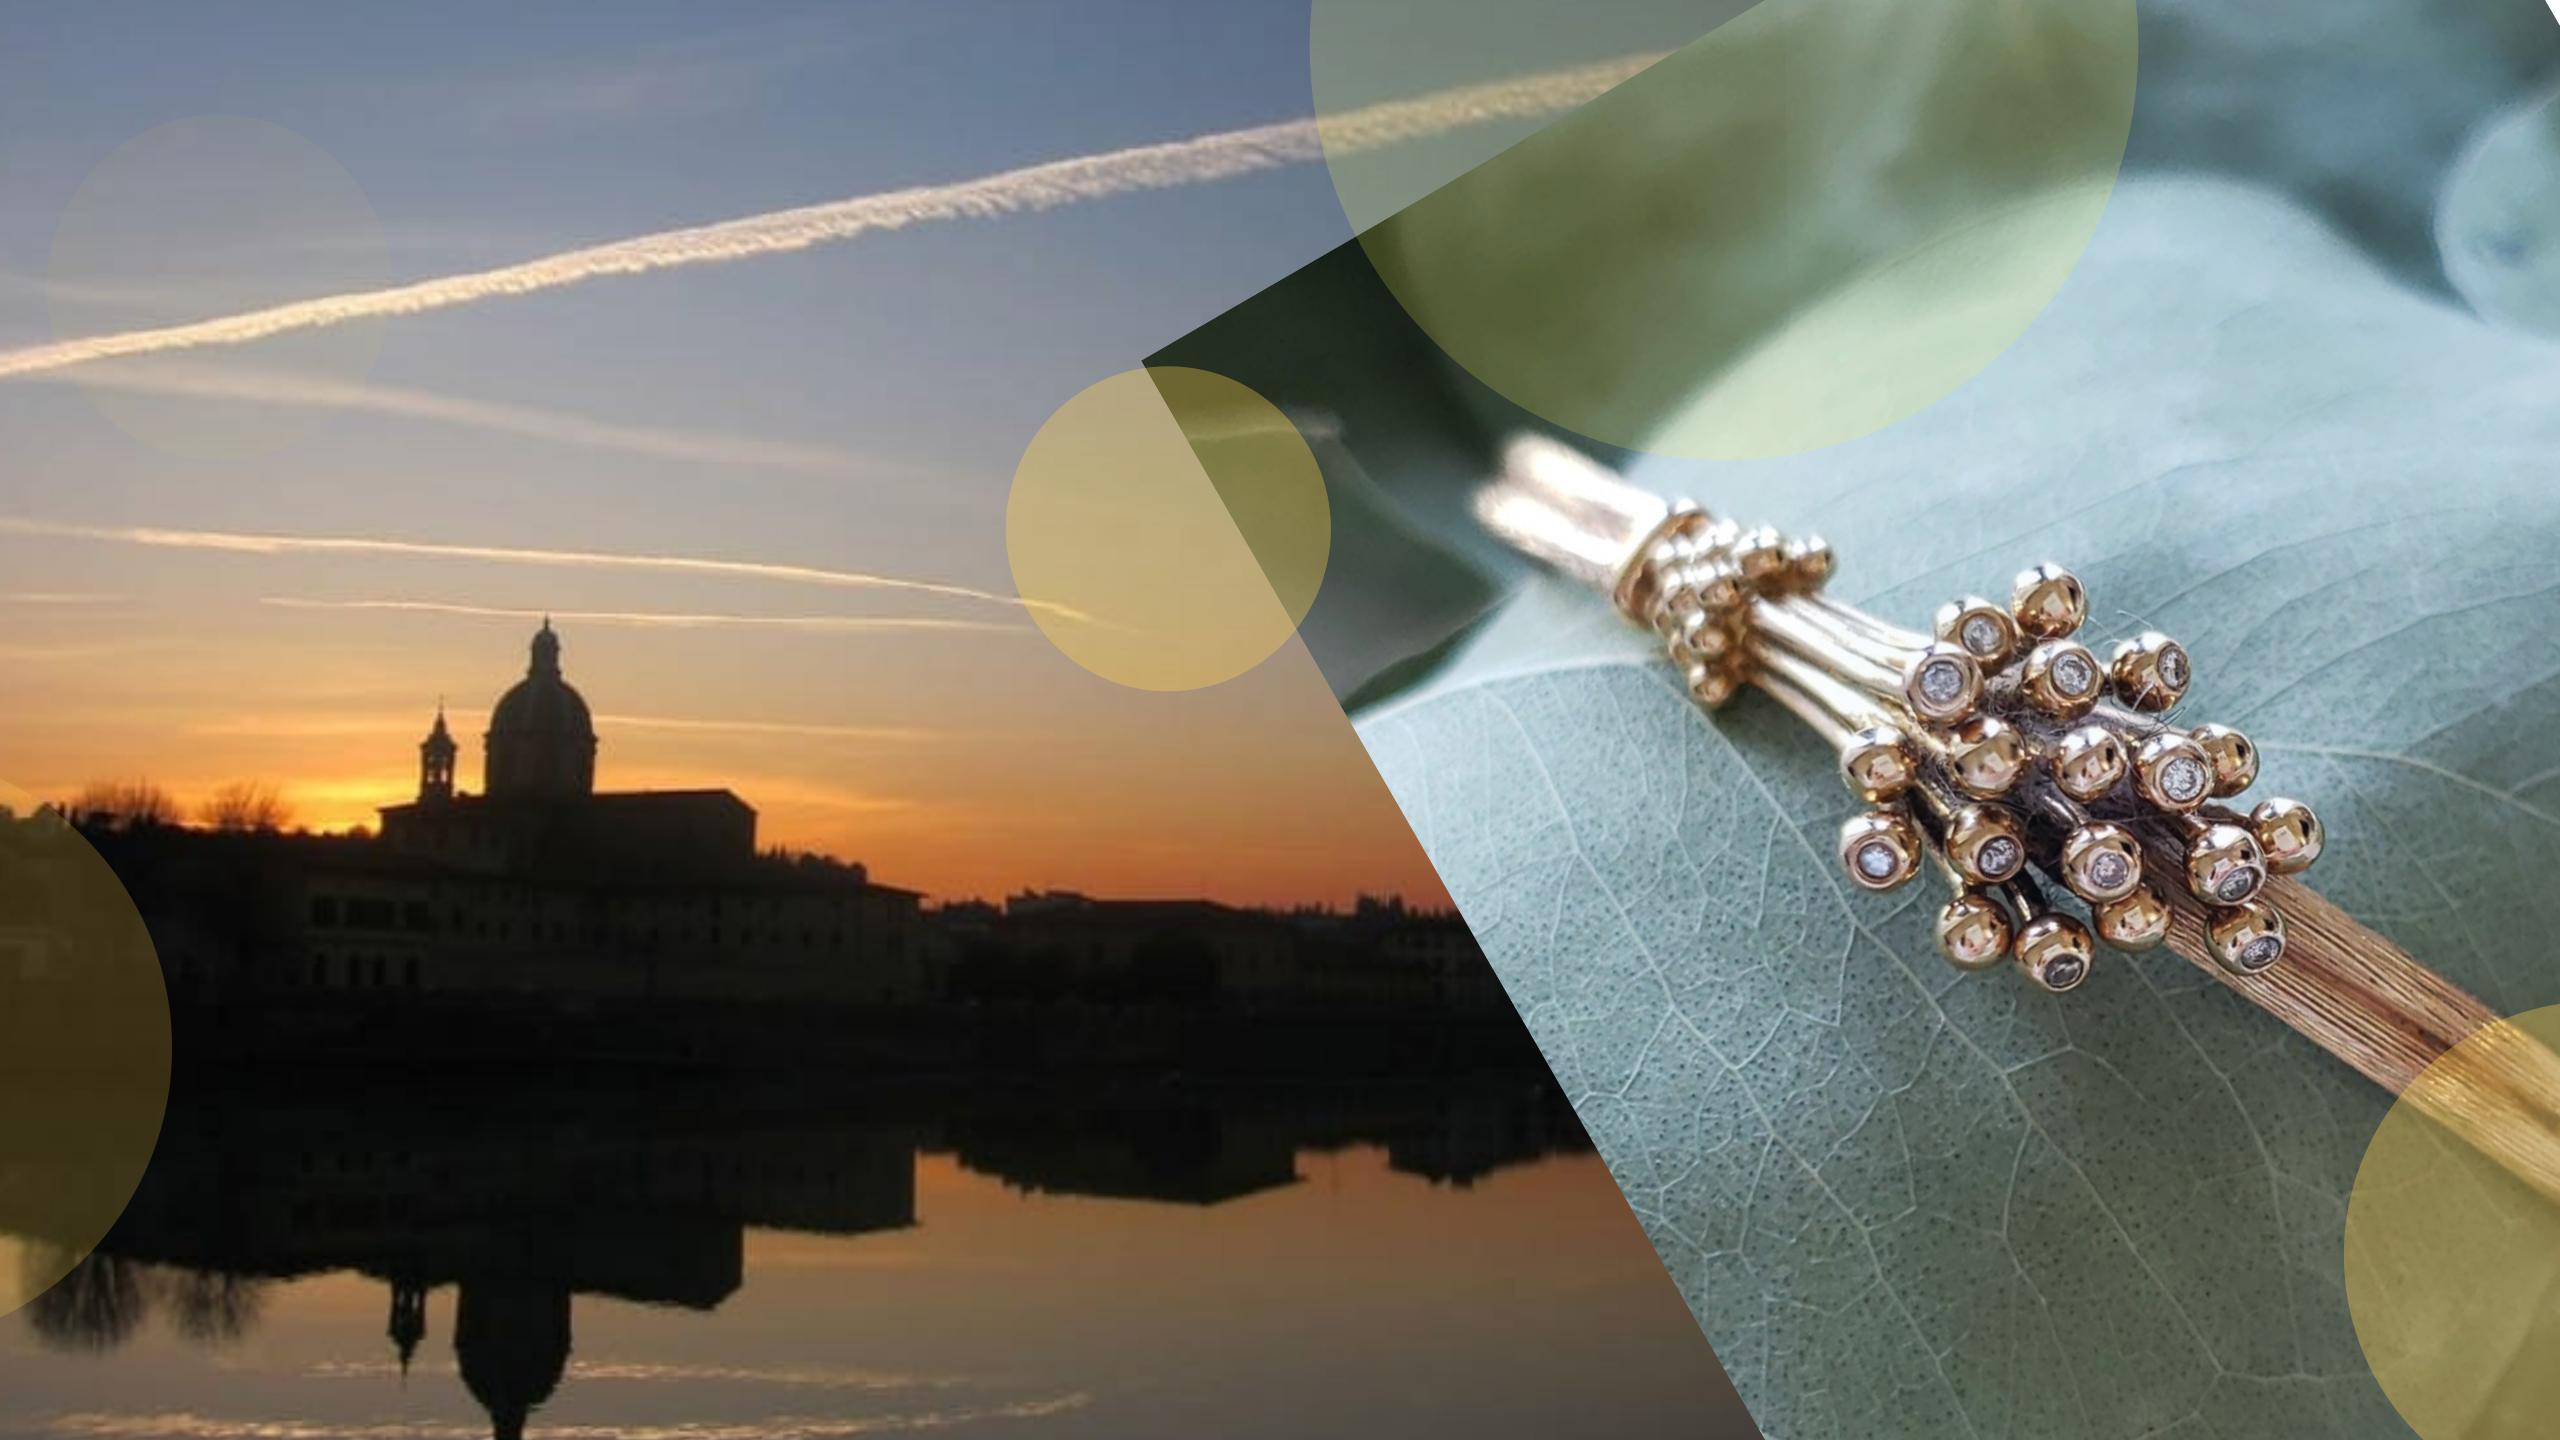 Karen 珠寶飾説話 – 佛羅倫斯之旅 平靜心靈 釋放創作空間